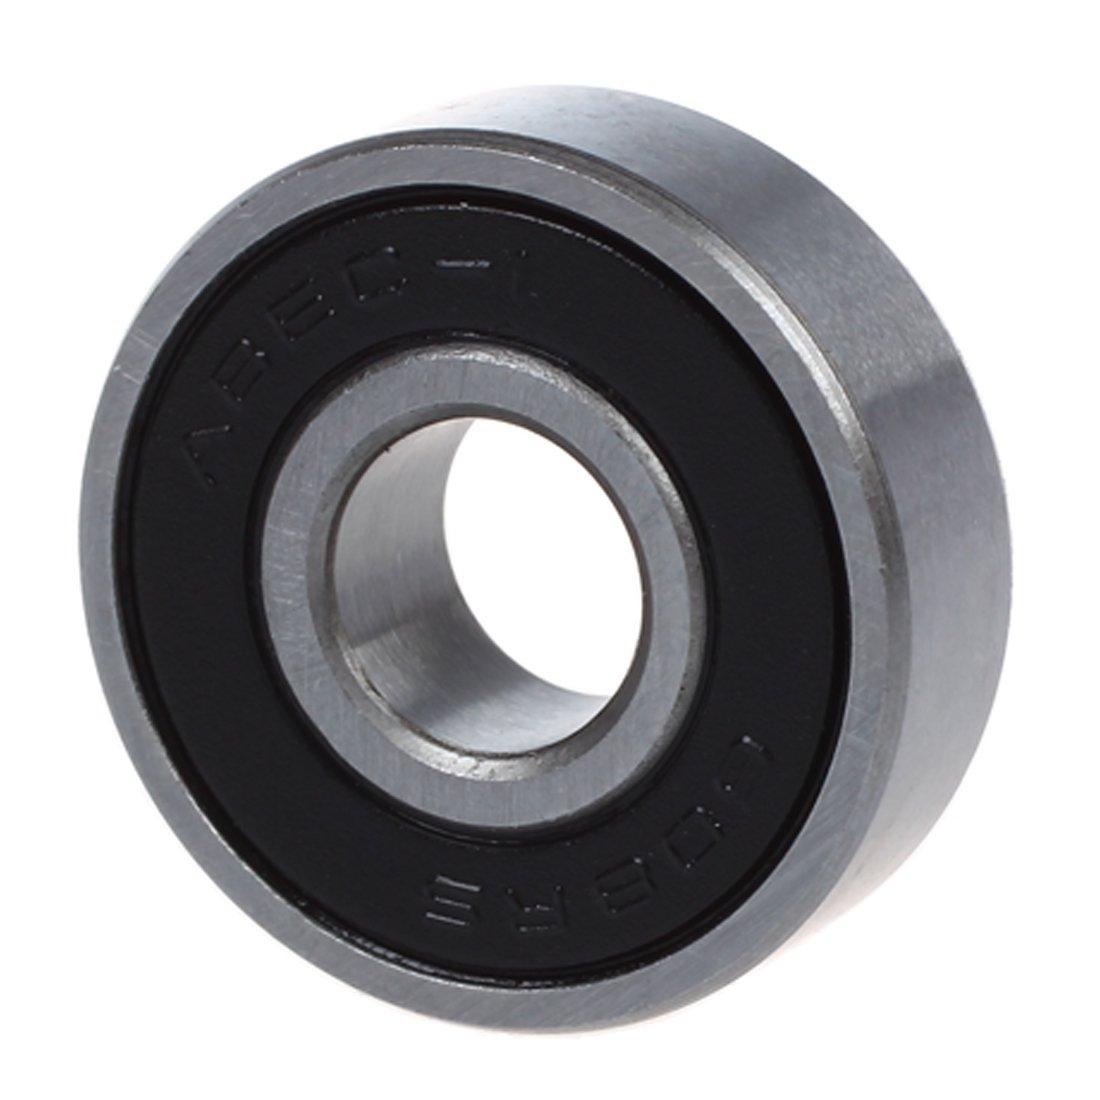 Globalflashdeal 5x Tone Argent et Noir ecran gorge profonde roulements a billes 8x22x7mm 608